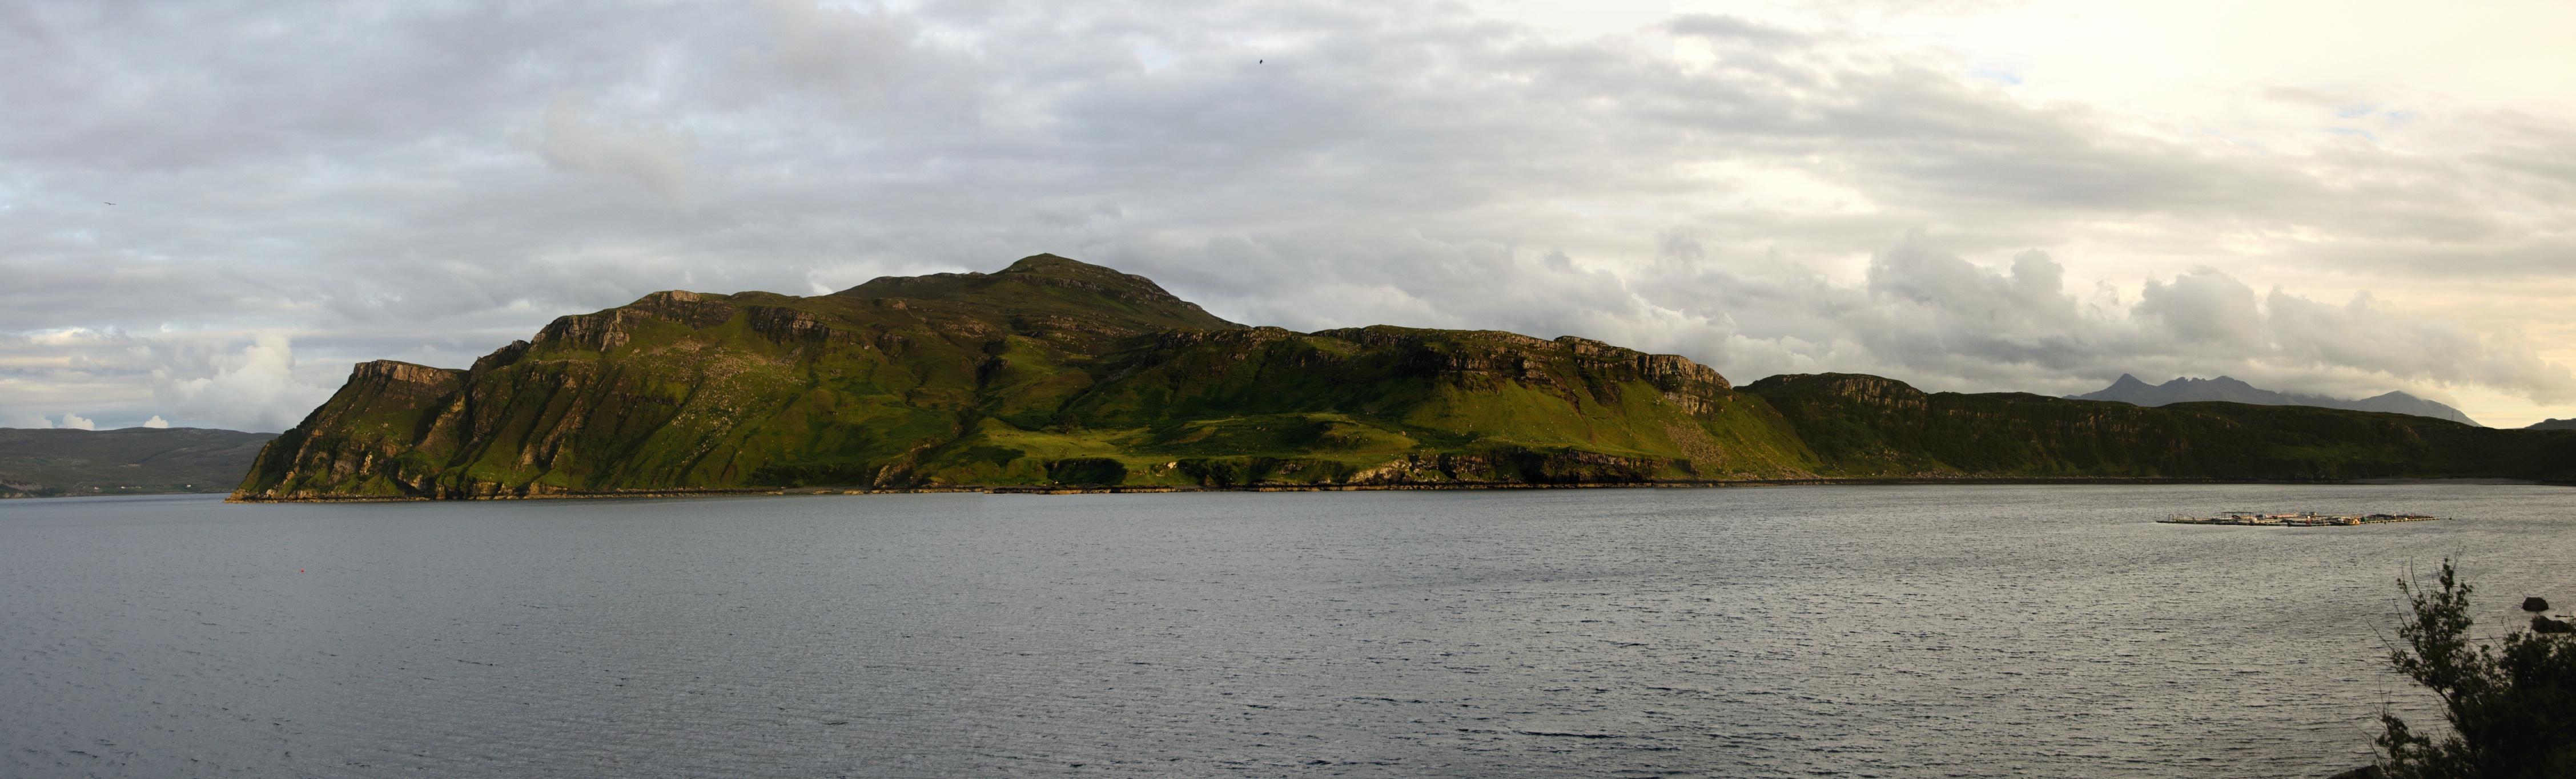 Jedno pěkné panorámátko protějšího břehu zátoky